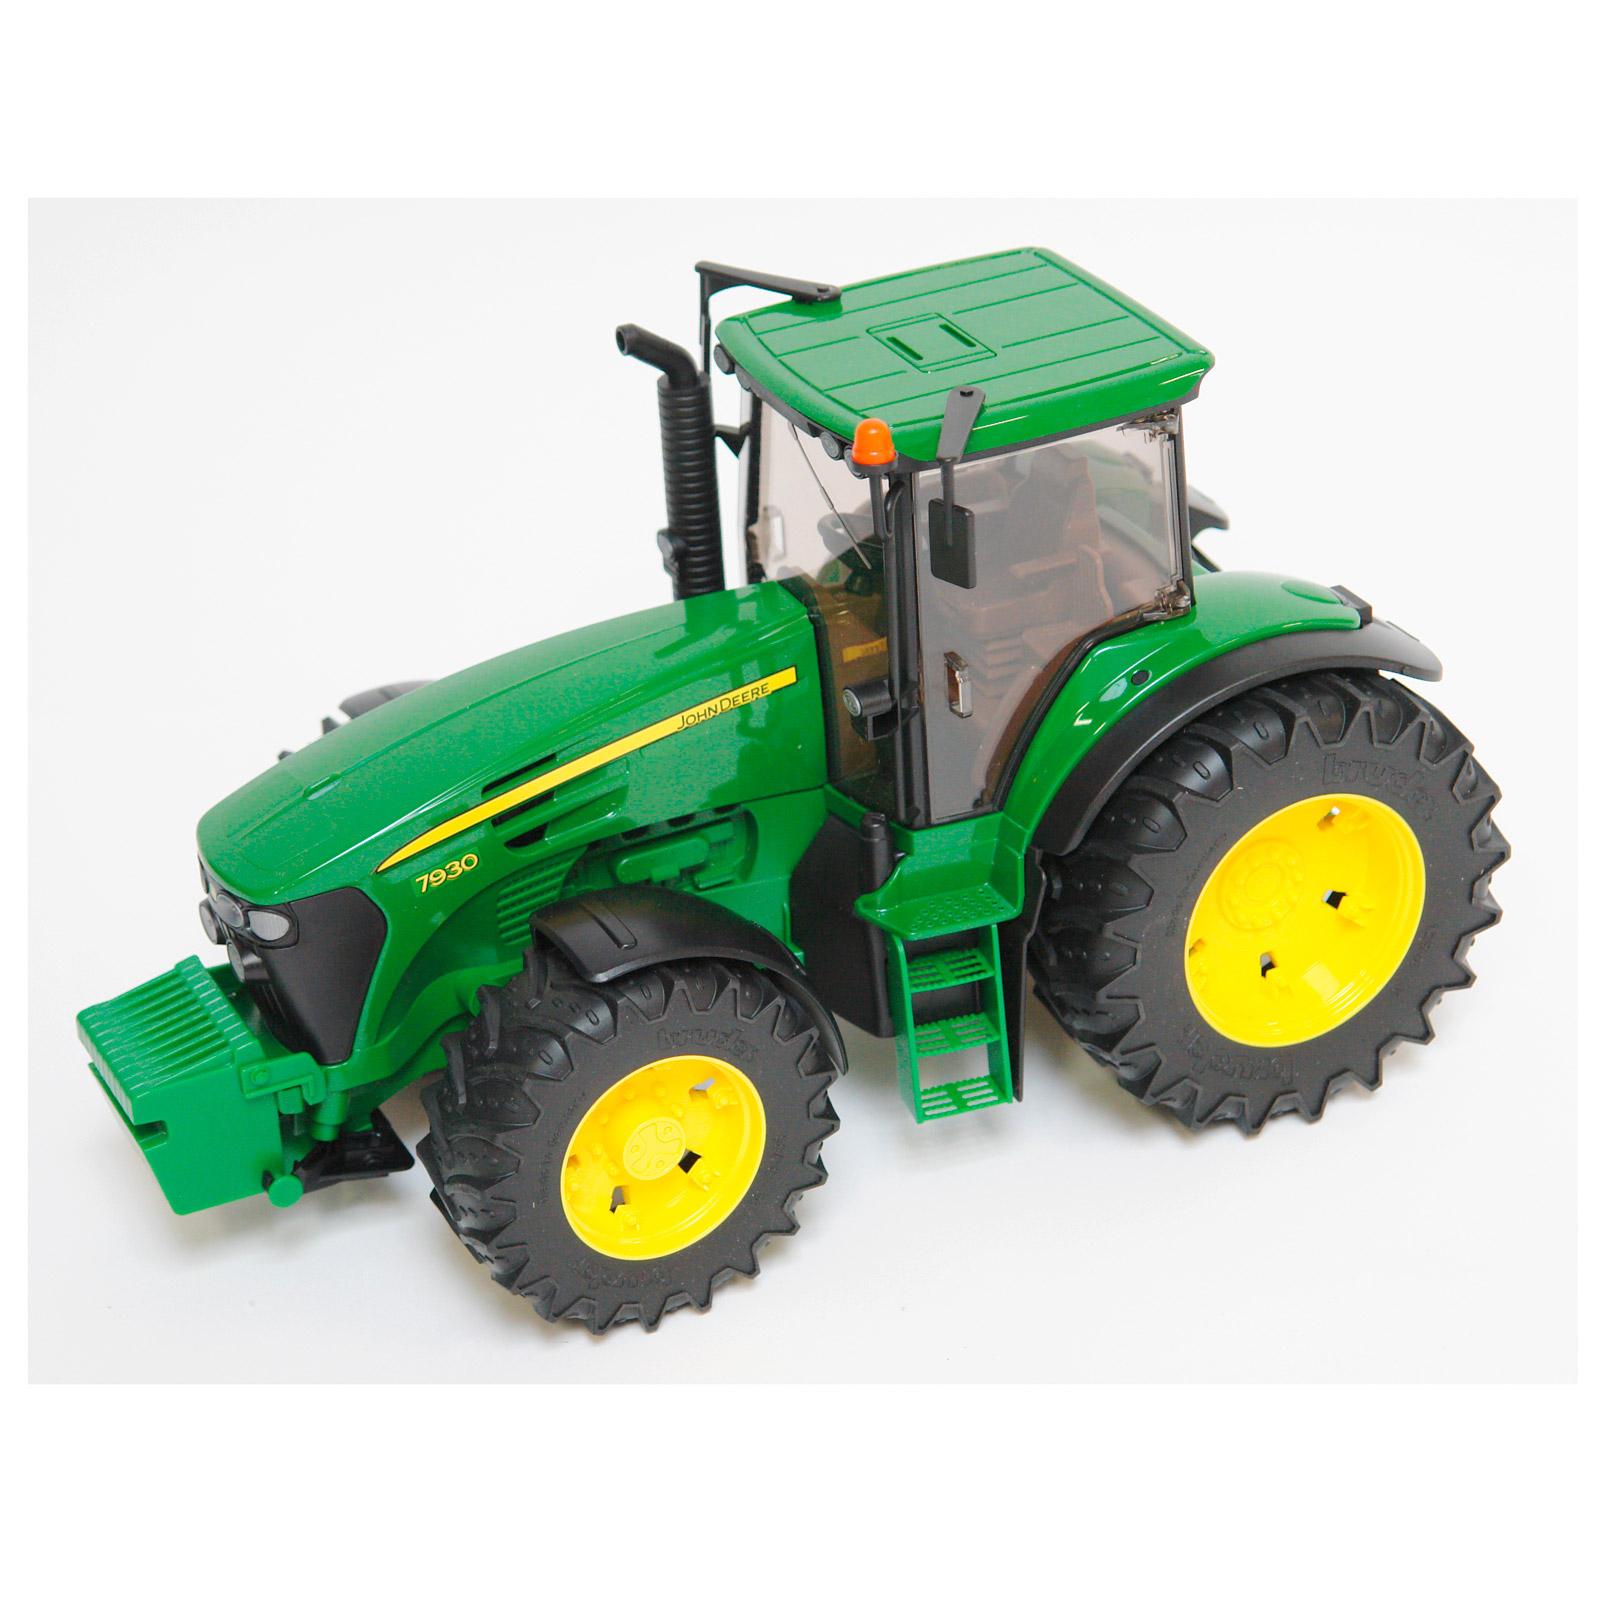 Bruder-John-Deere-7930-Traktor-1-16-NEU-03050-OVP-11115